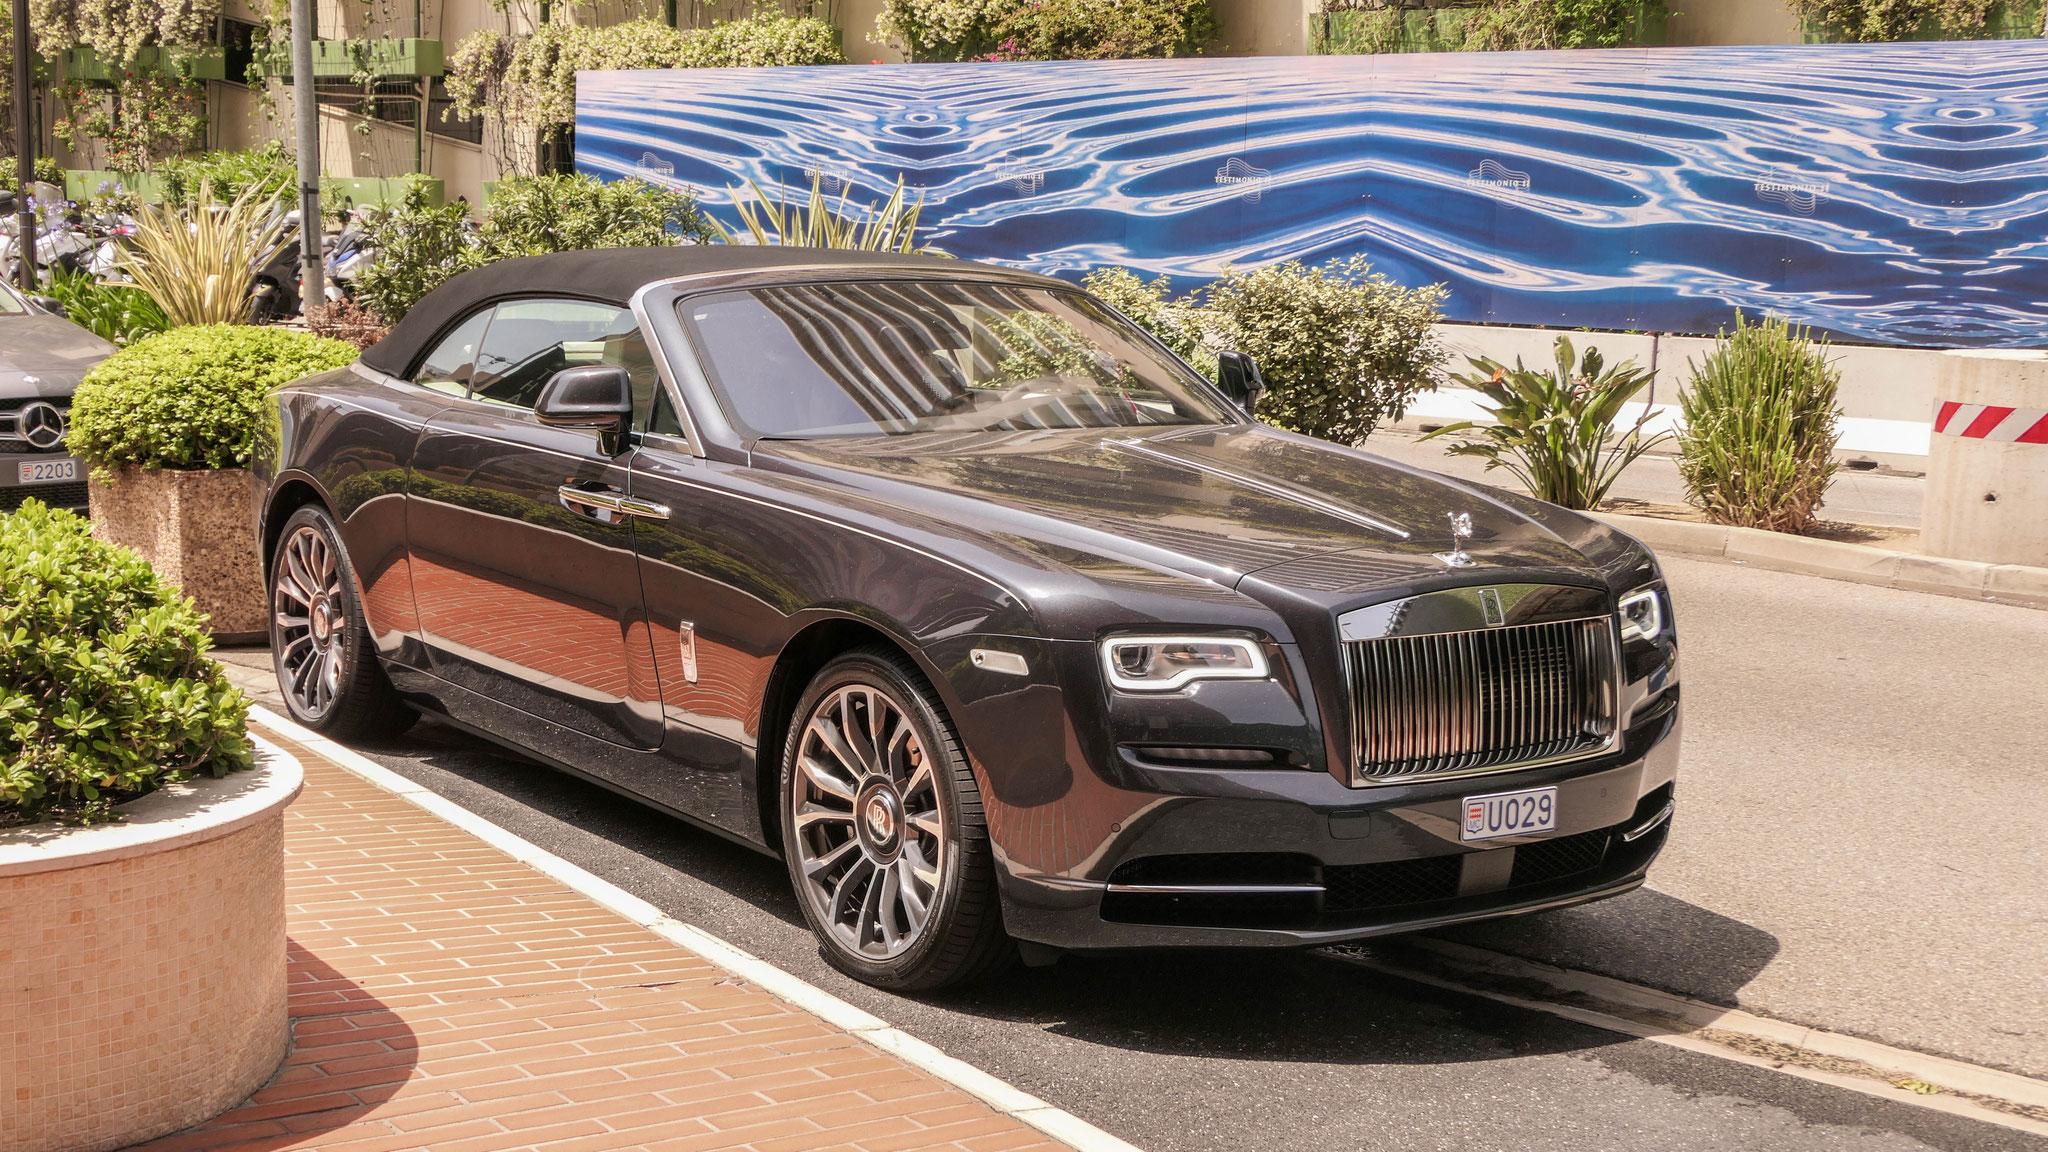 Rolls Royce Dawn - U029 (MC)